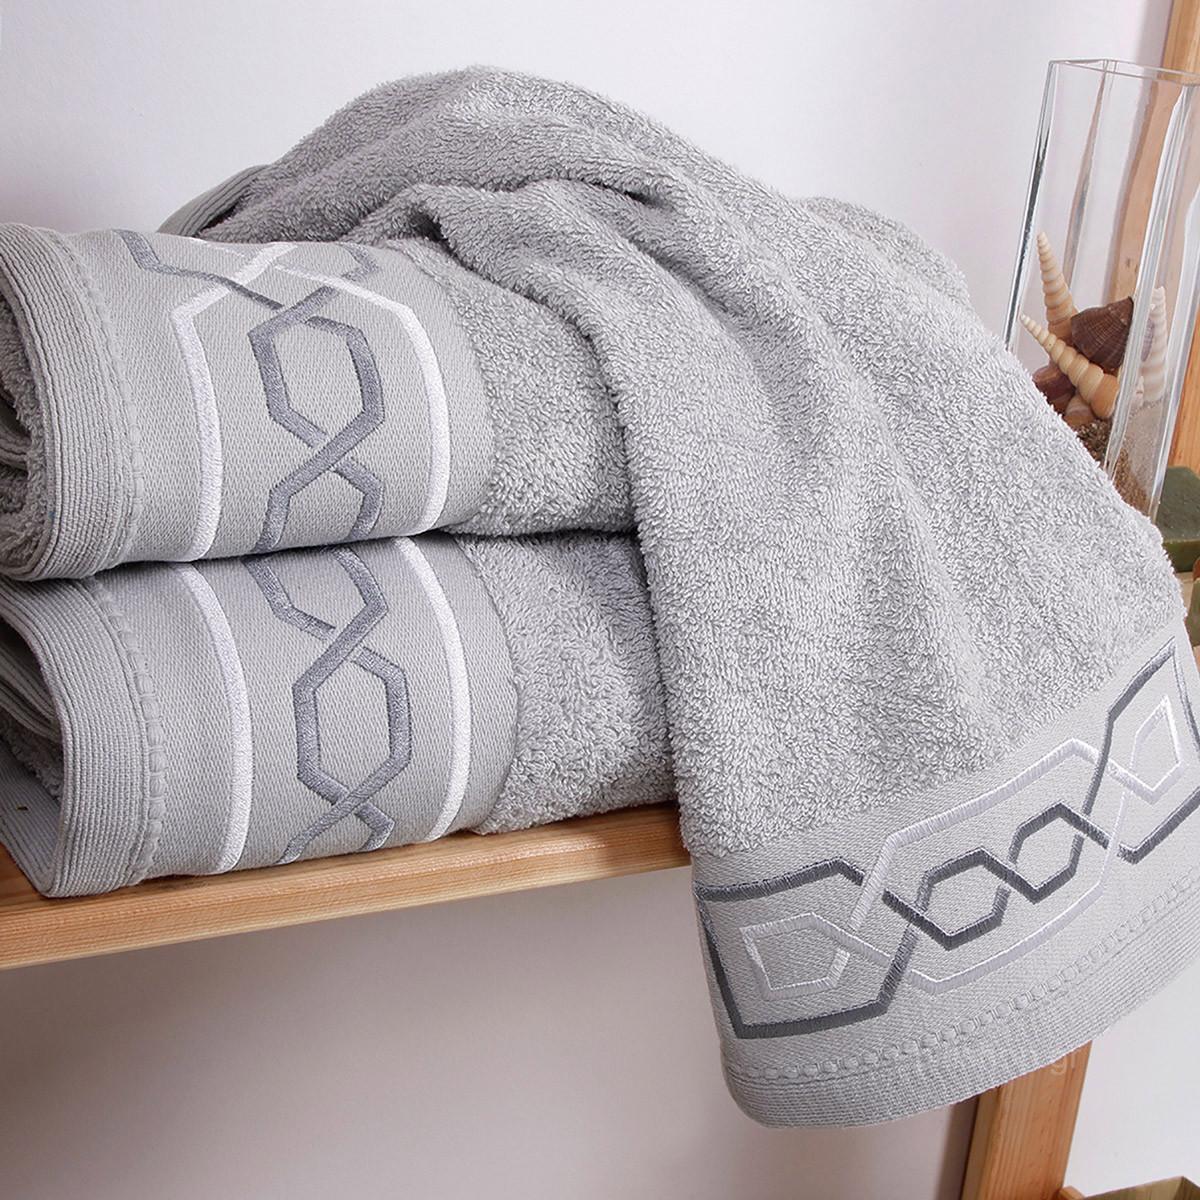 Πετσέτες Μπάνιου (Σετ 3τμχ) Sb Home Chain Siver